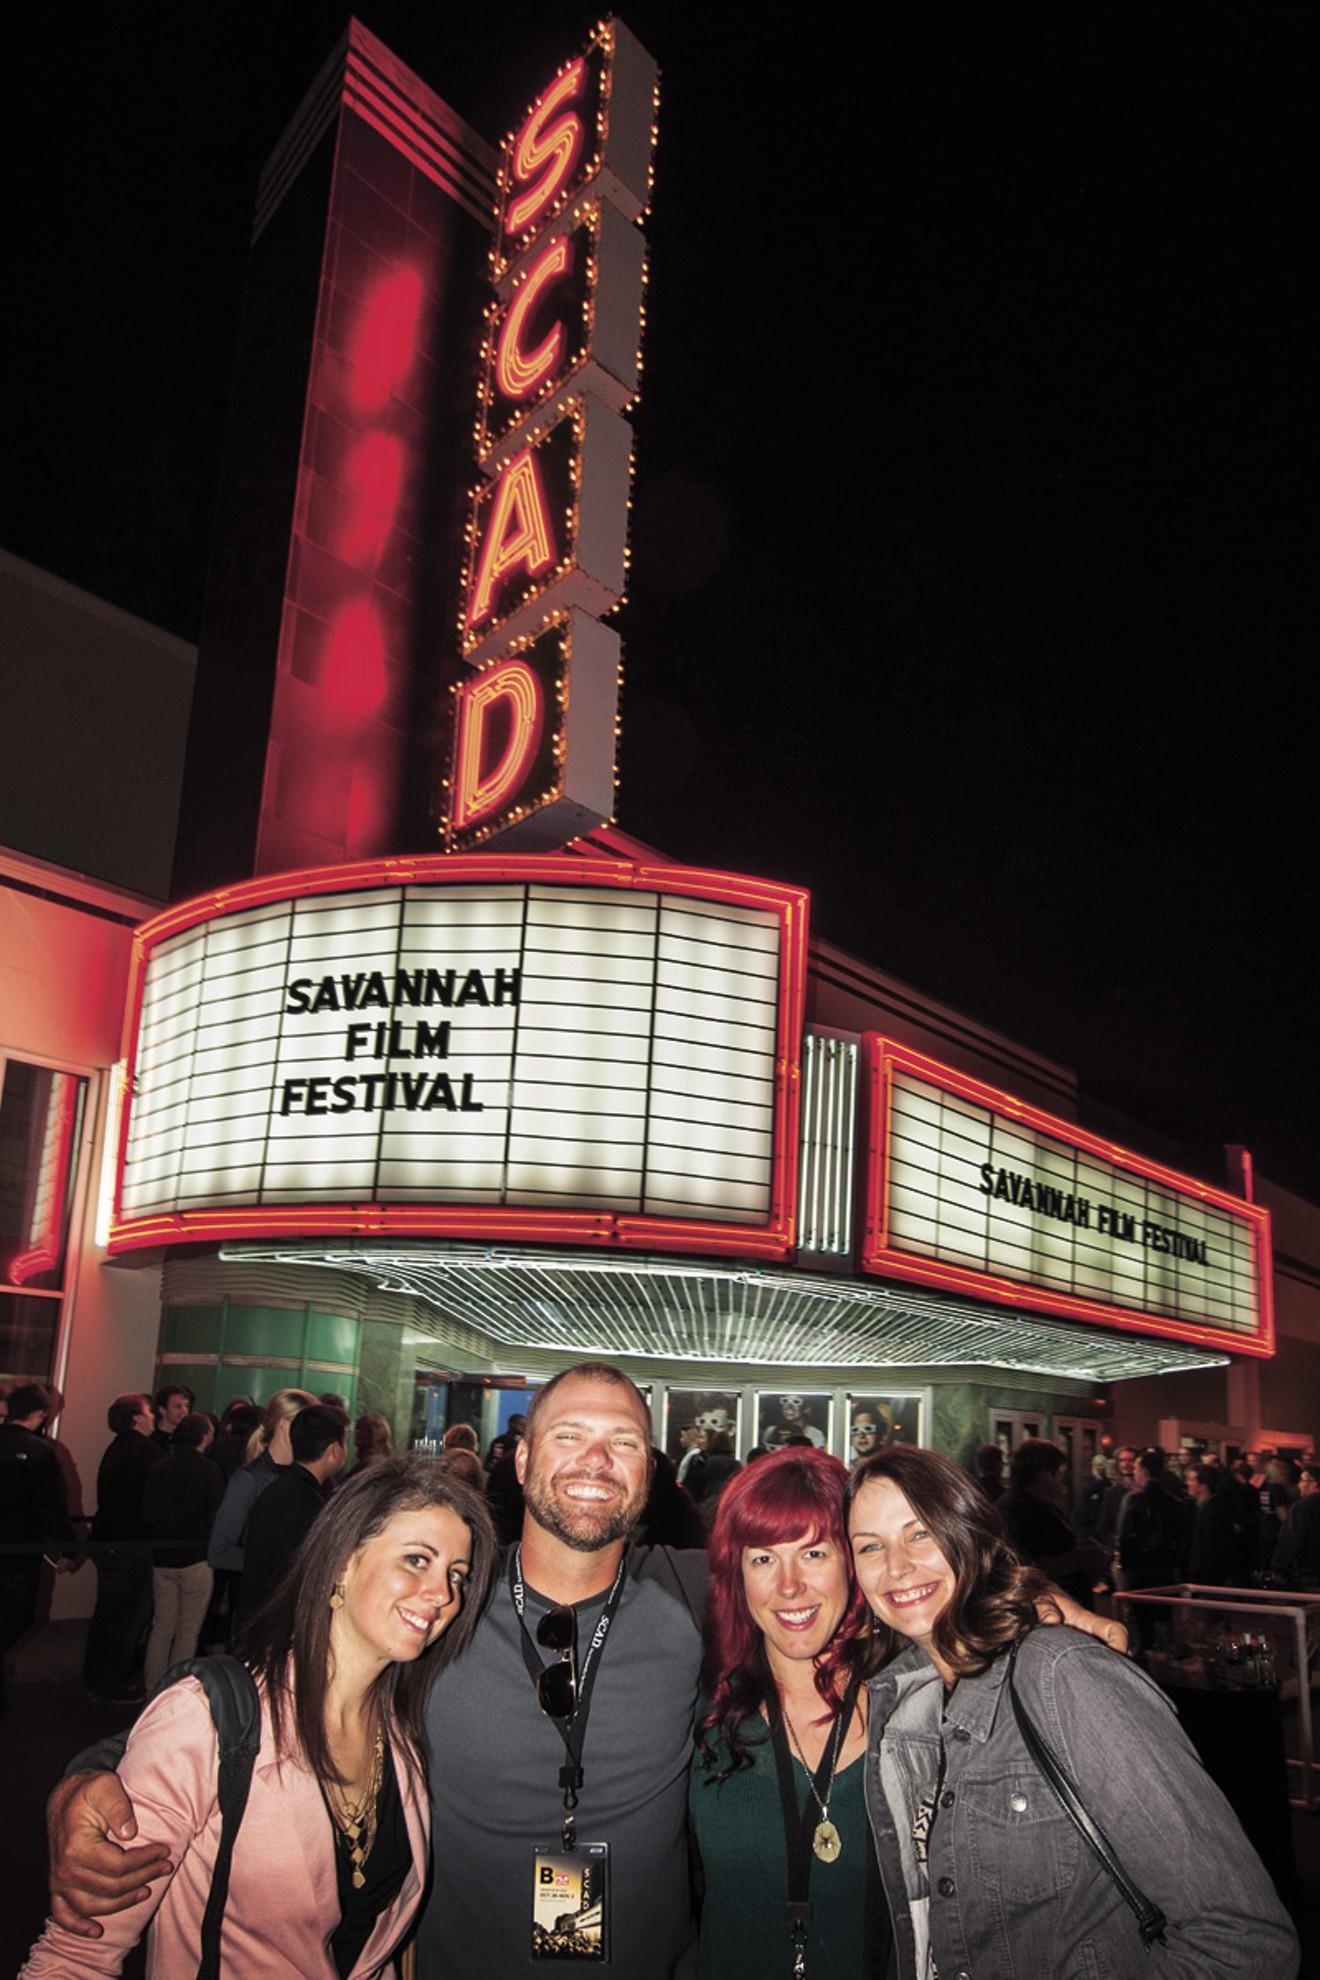 festivals-film_fest_2013_red_carpet_13.jpg